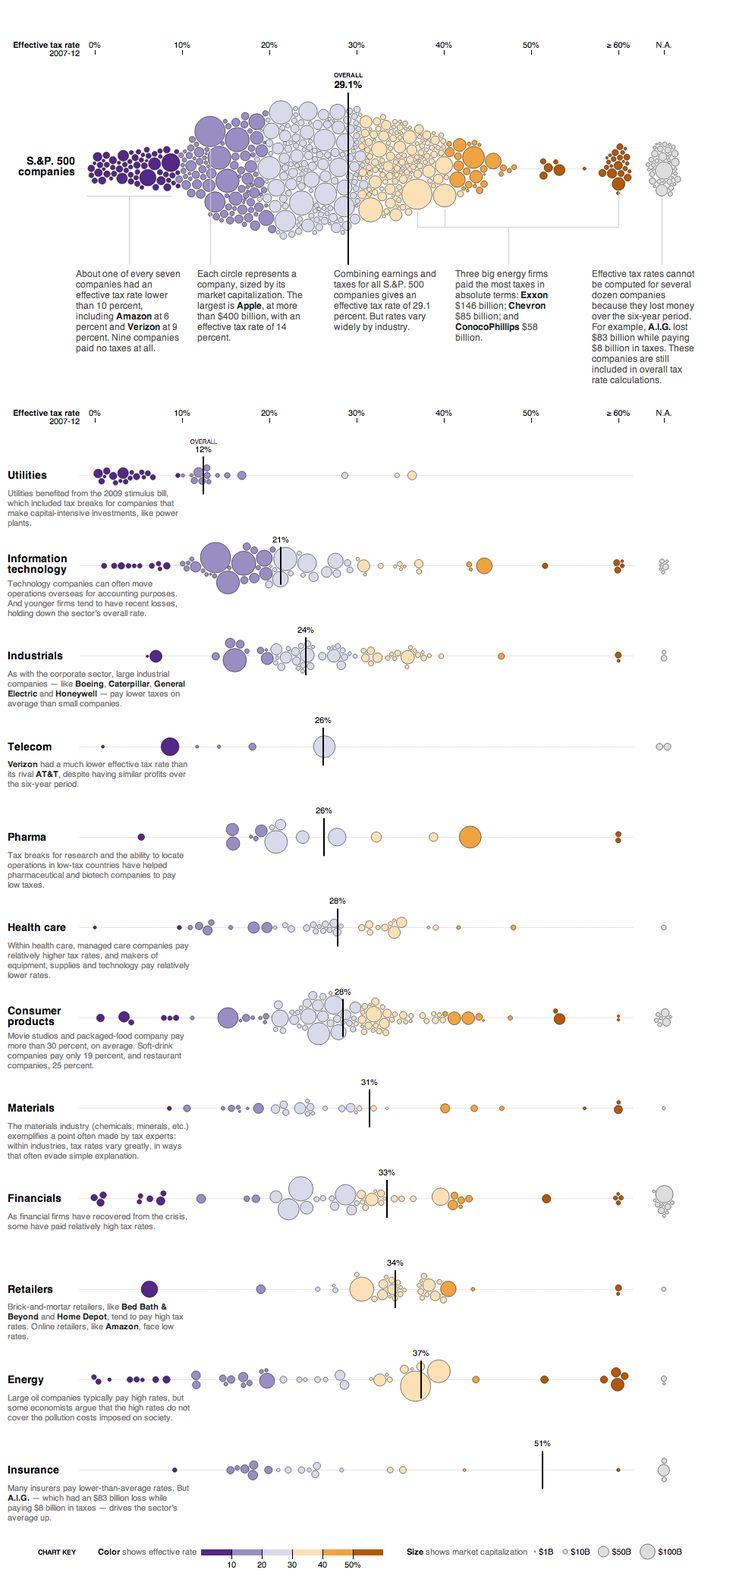 Impresionante labor del NYTimes para este gráfico interactivo. Mejor ver in situ.